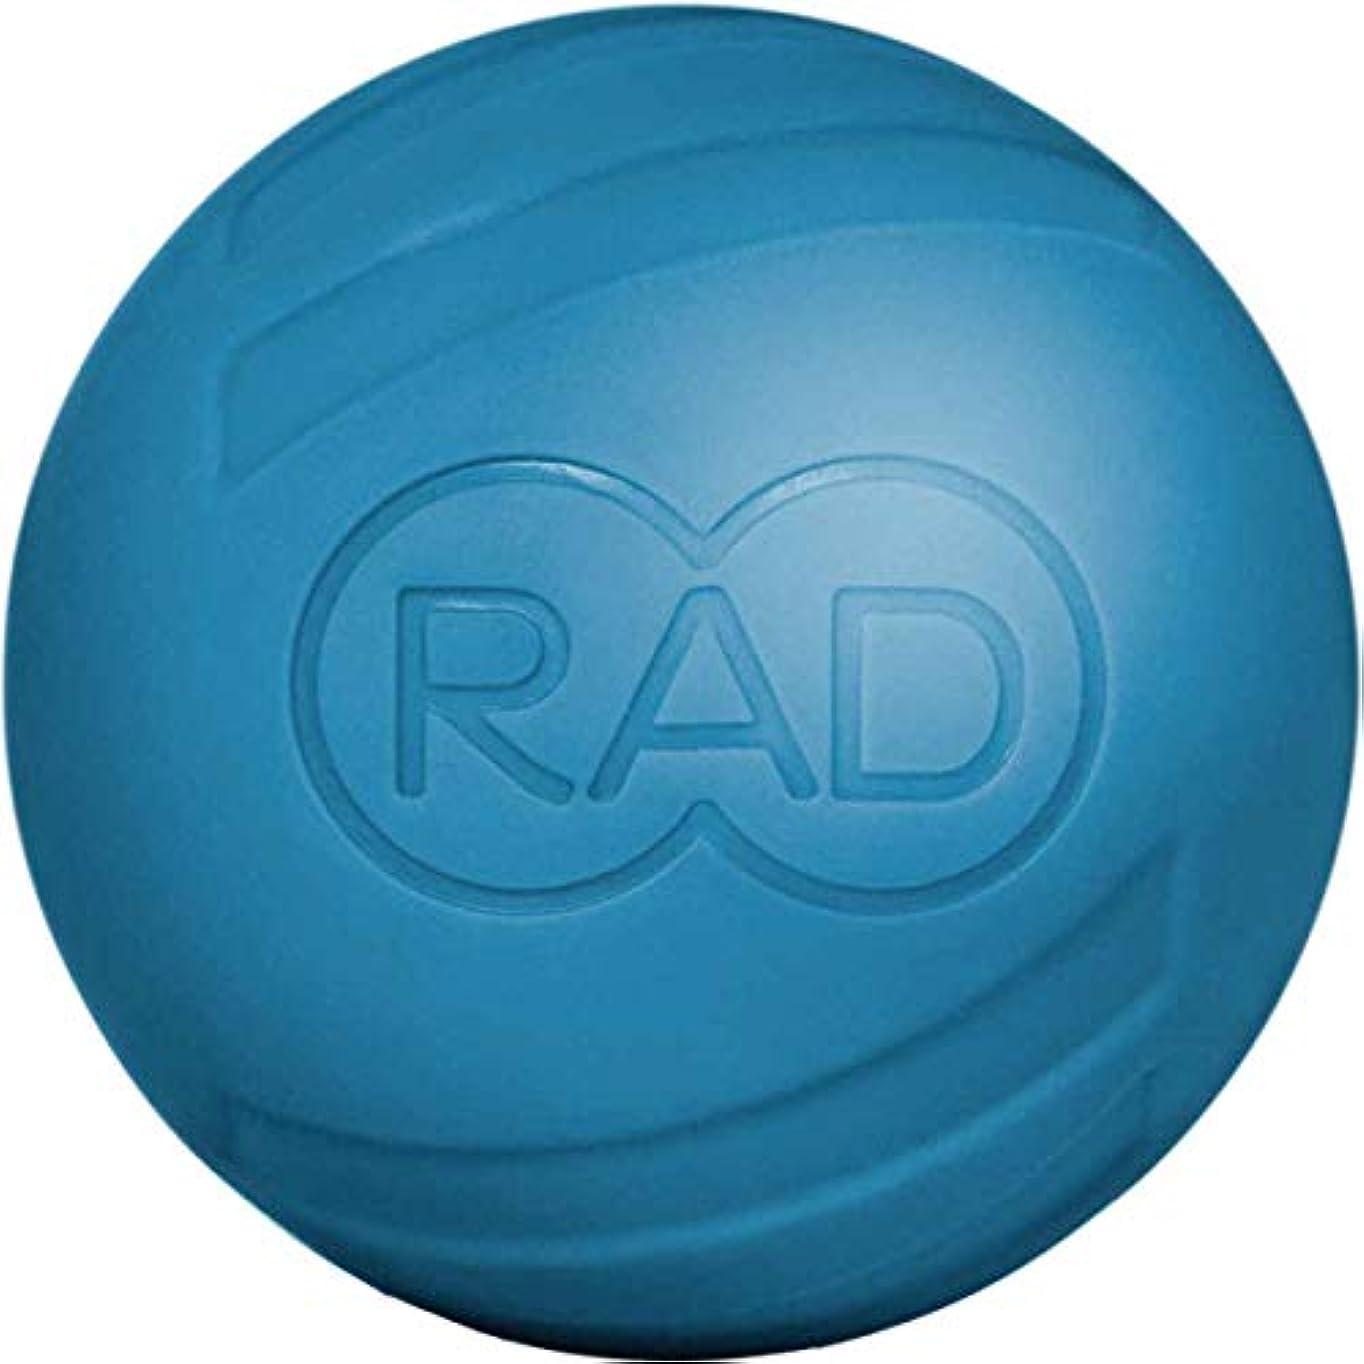 こどもの宮殿教義同意RAD アトム 高密度筋膜リリースツール セルフマッサージで可動性と回復を促します